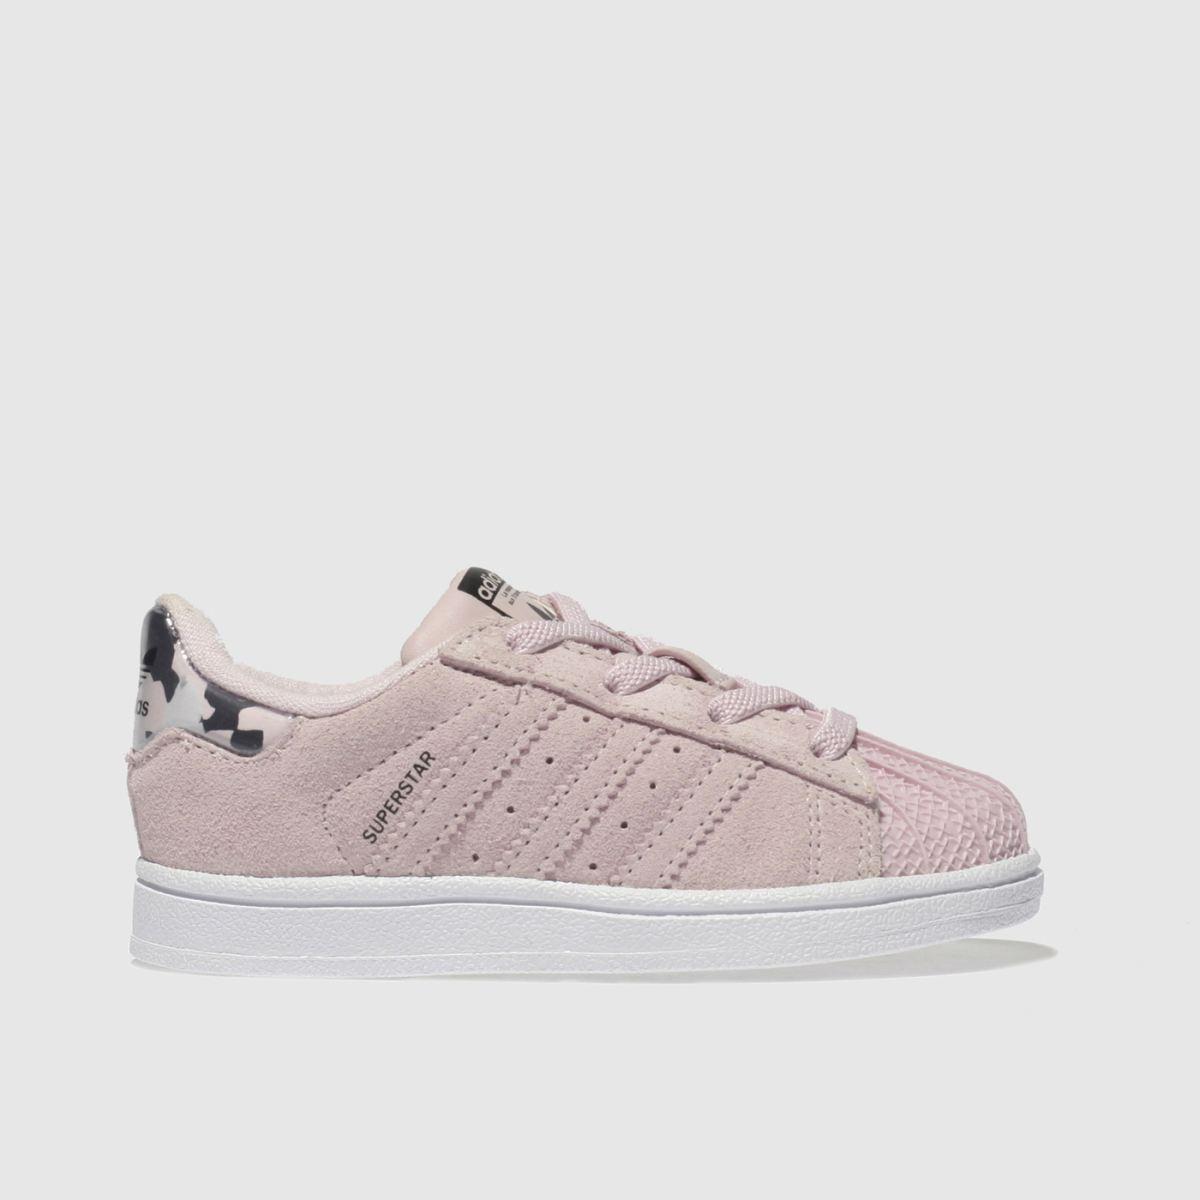 Adidas Pink Superstar Girls Toddler Toddler